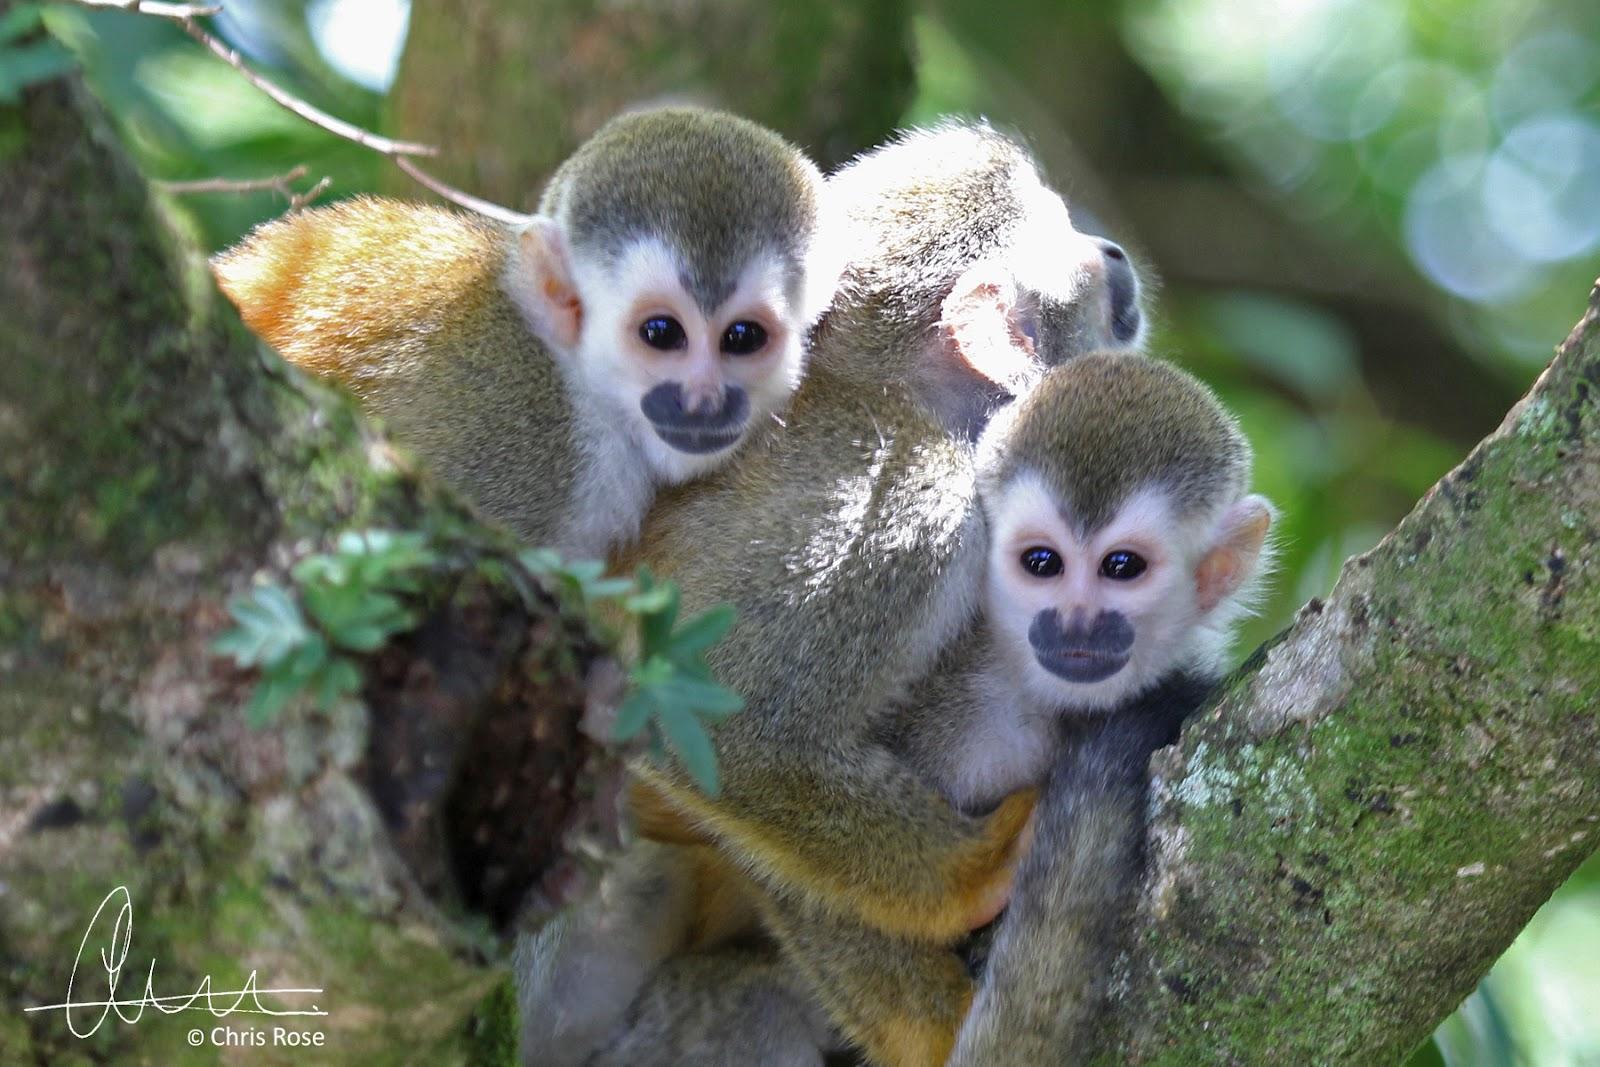 http://1.bp.blogspot.com/-1wQts1uWCng/UGRlwR7OIuI/AAAAAAAAEhY/sUc1kV9oC_k/s1600/0249+-+Squirrel+Monkey+4+Sig.jpg